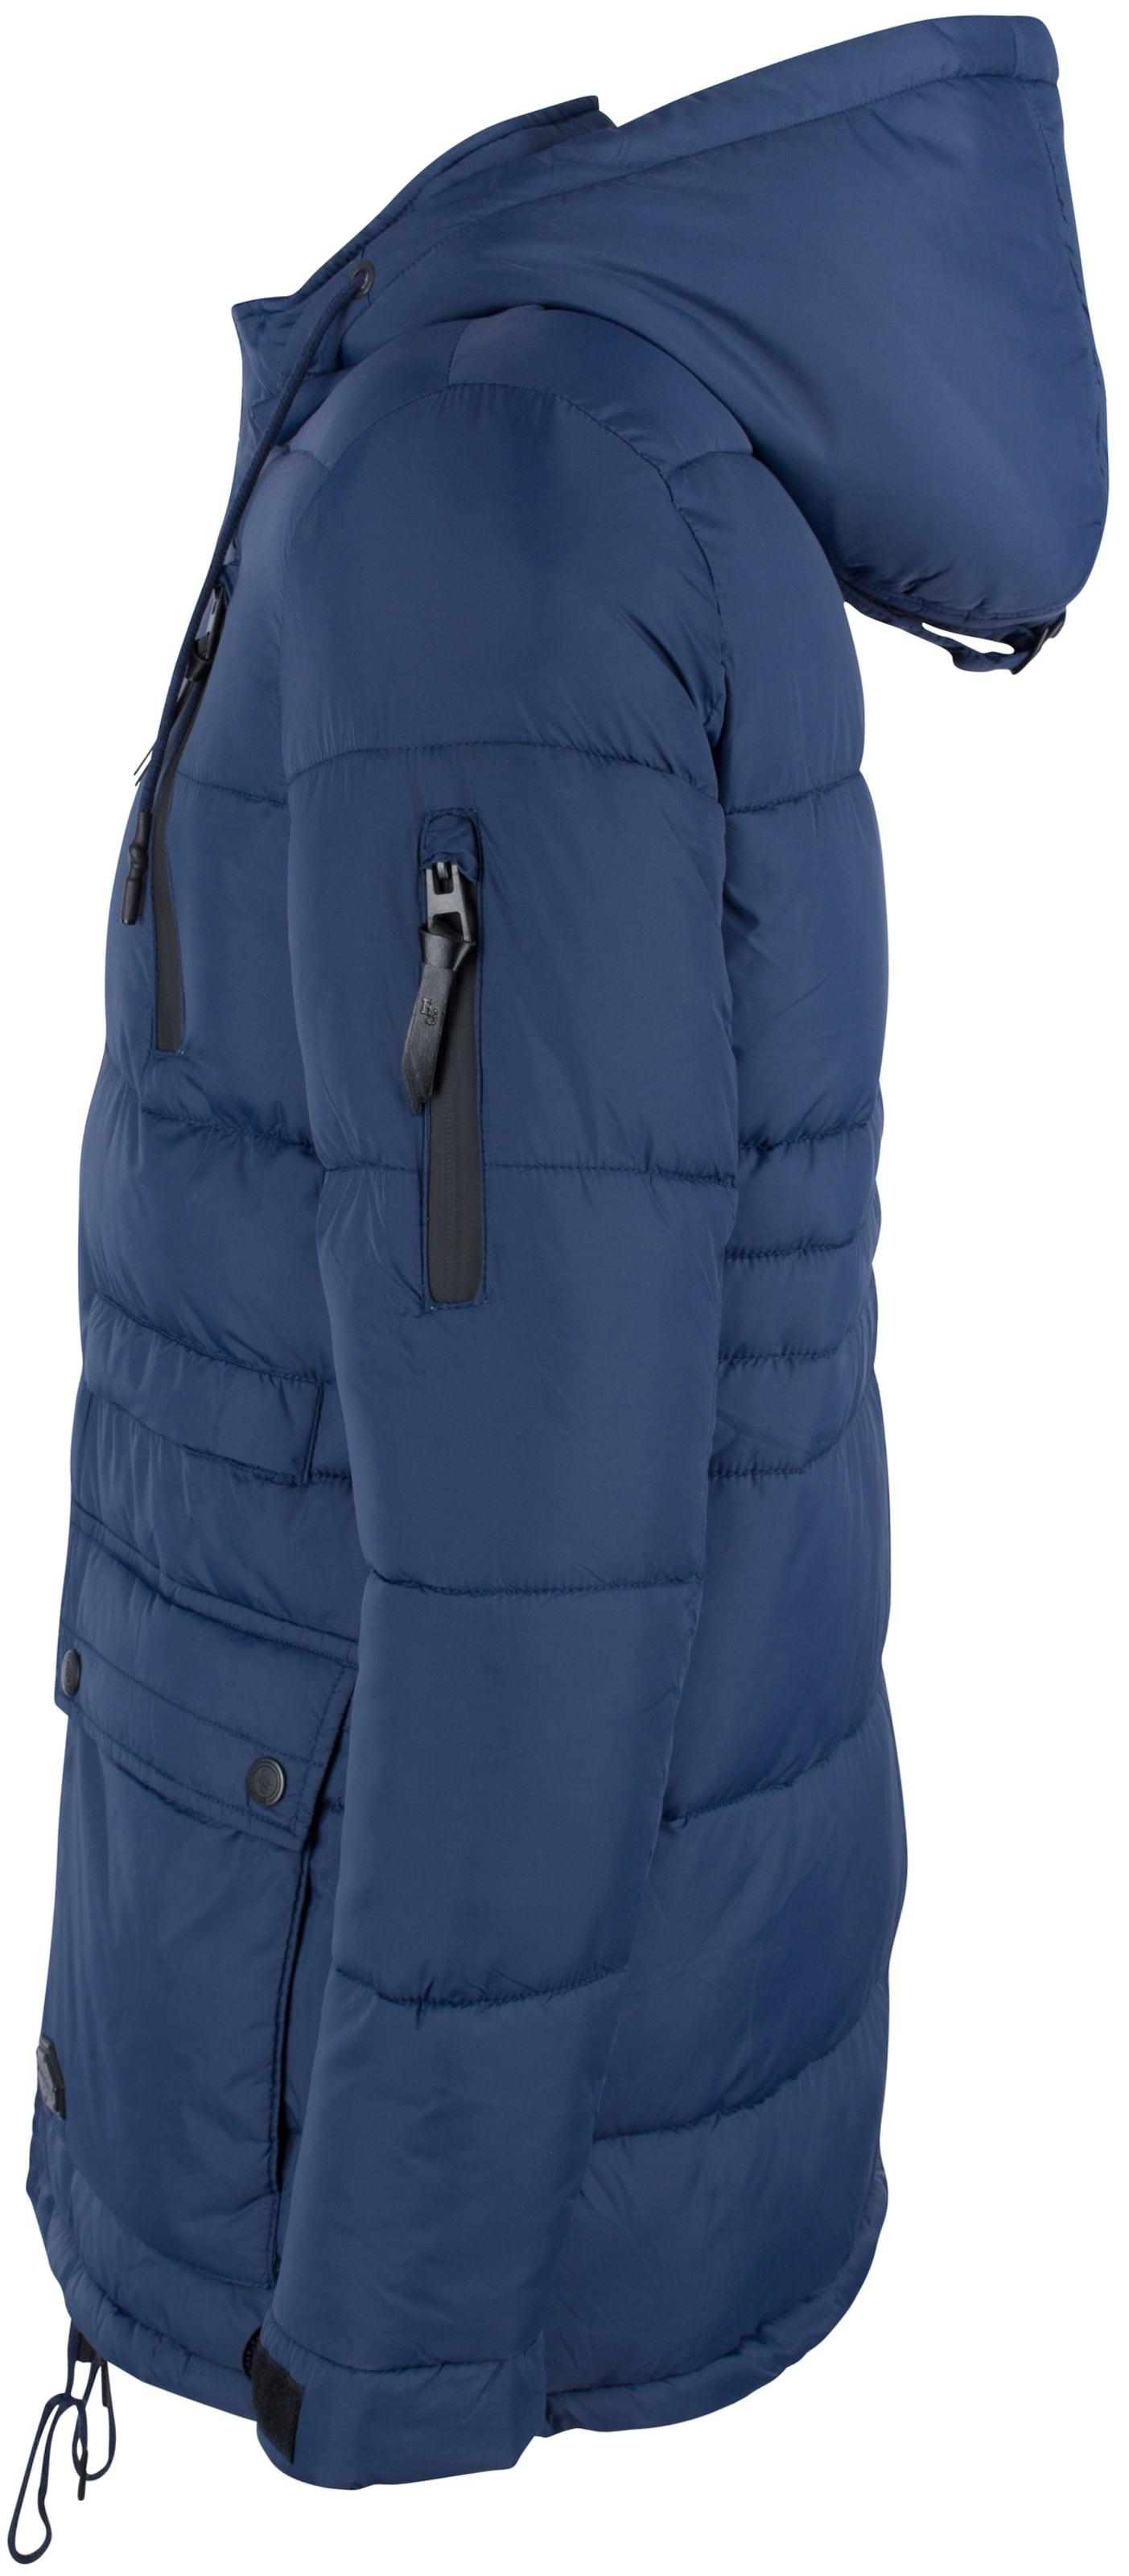 Veste En D'hiver Roosevelt D'hiver Veste D'hiver Bleu Roosevelt Veste En En Roosevelt Bleu QrtdBhosCx